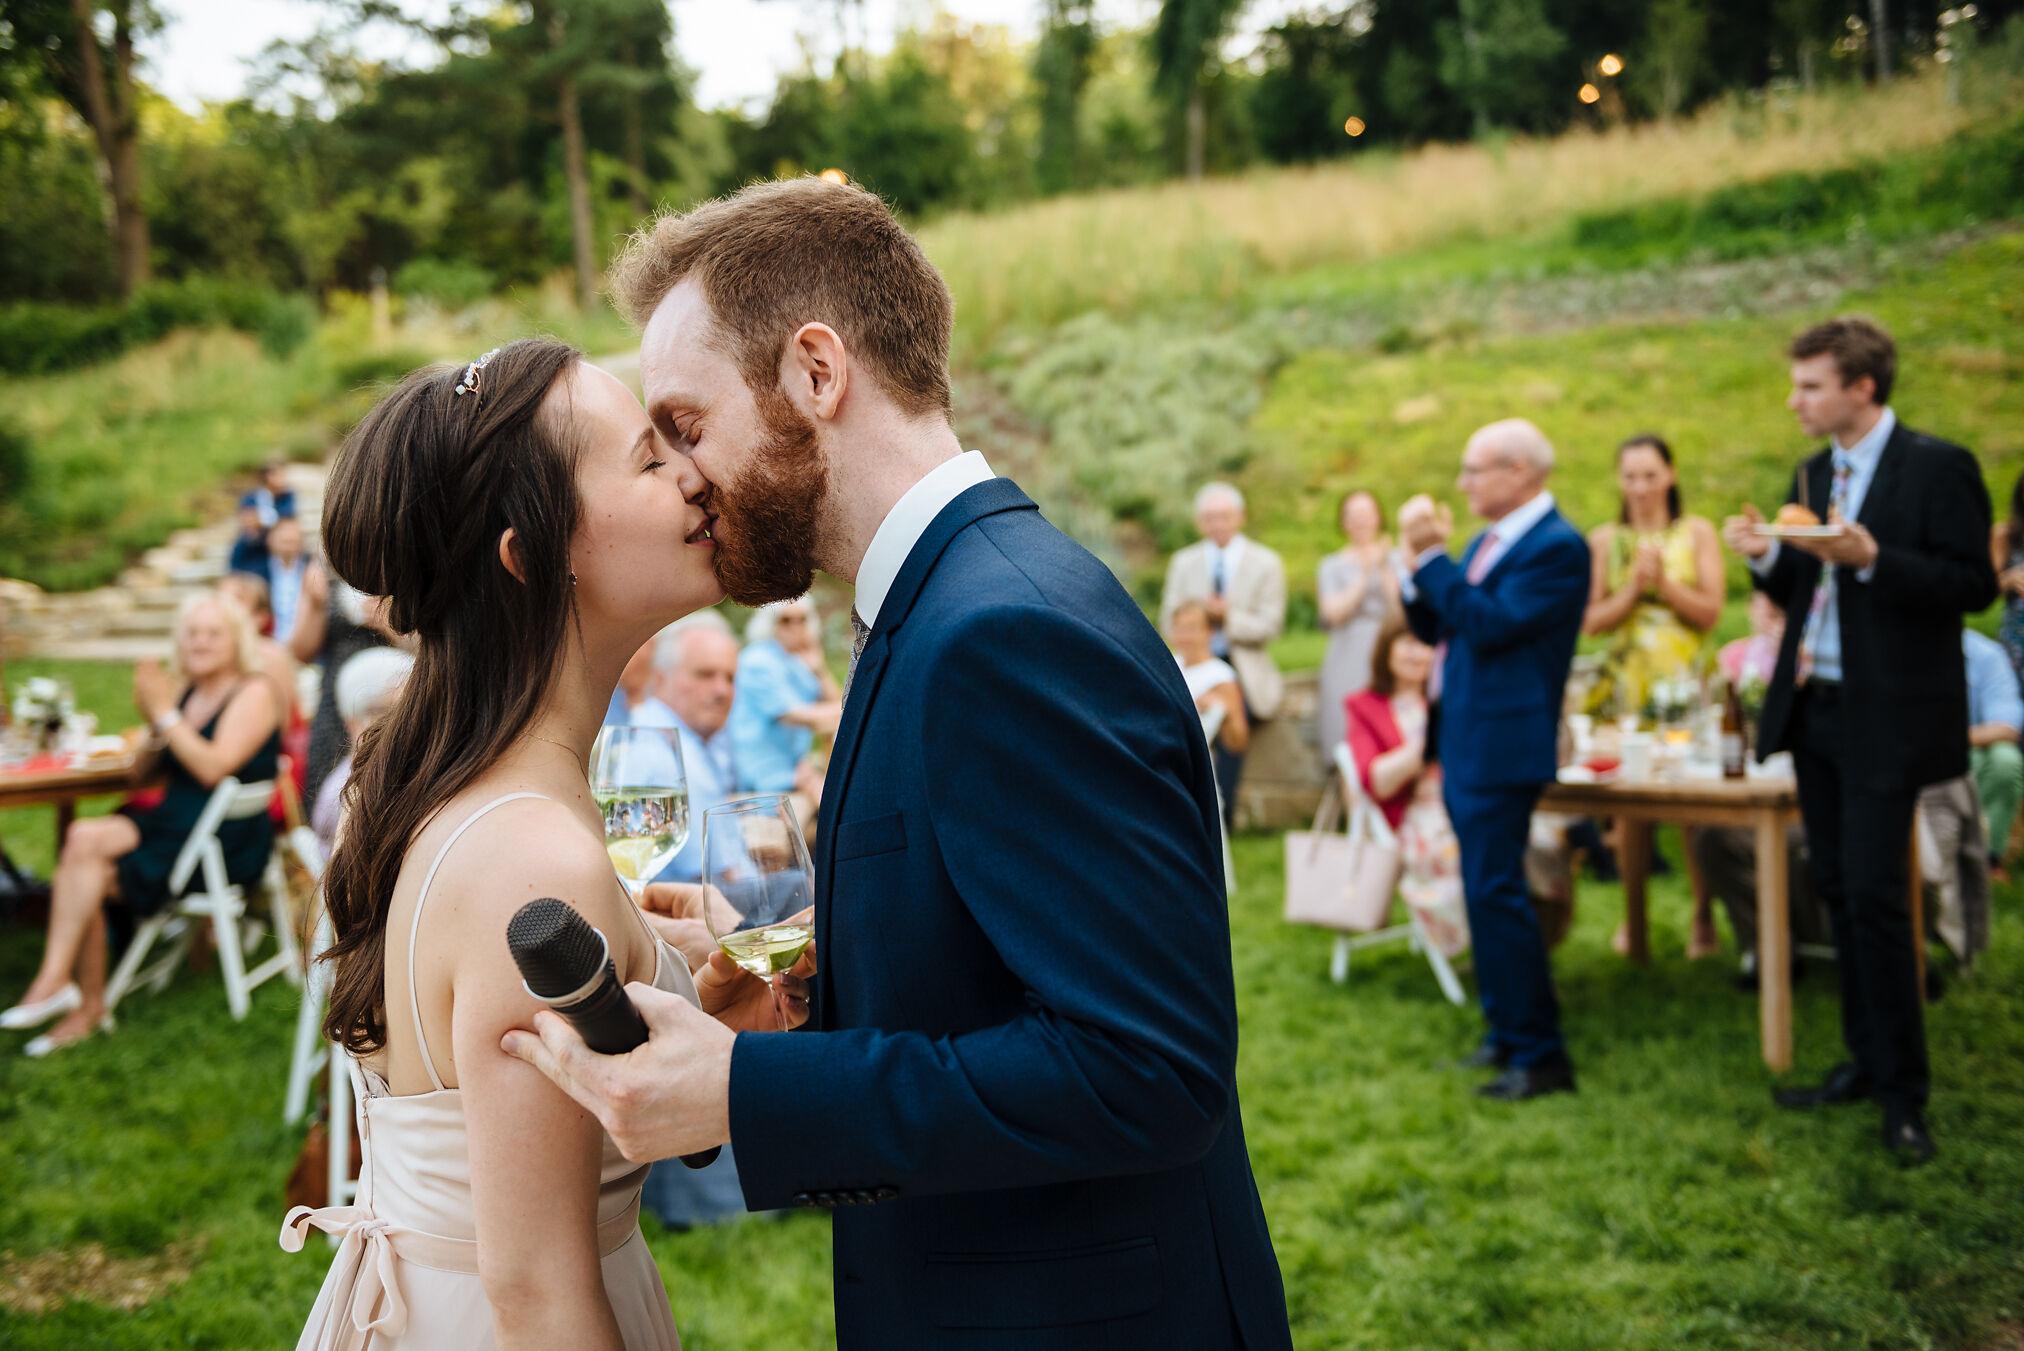 Hochzeit-Garten-Denoti-43.jpg